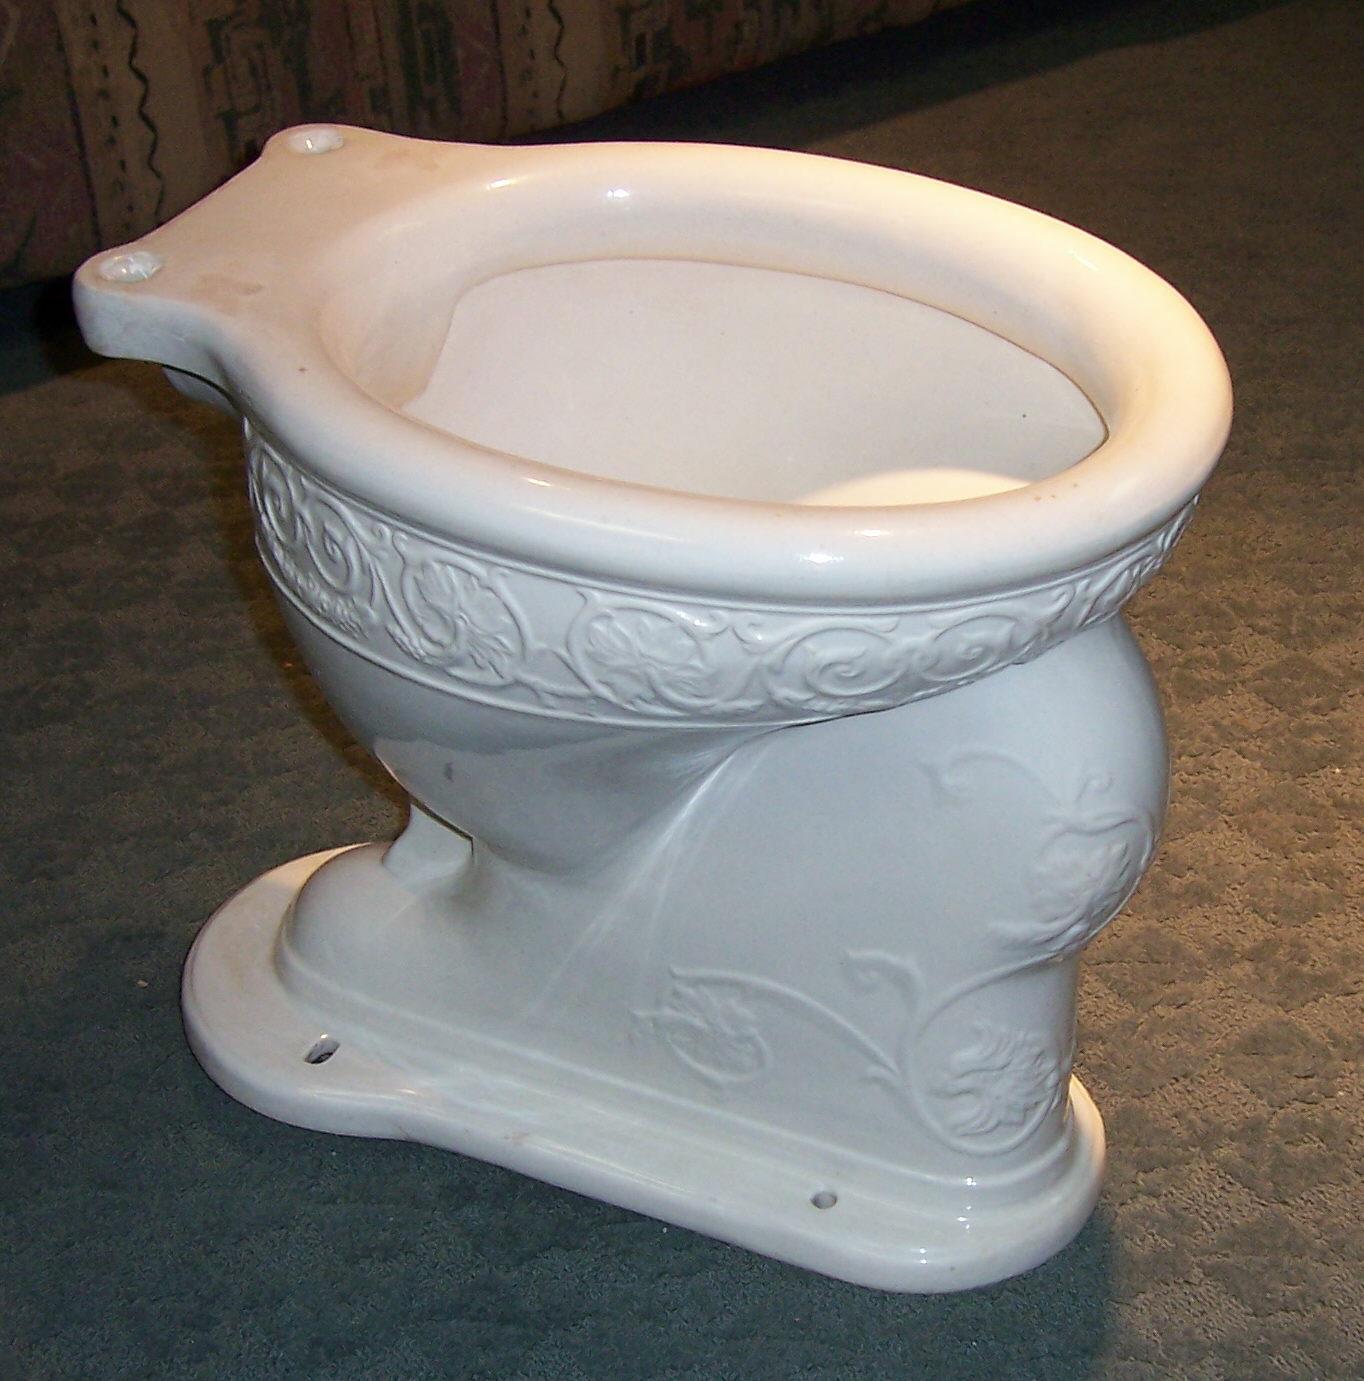 Toilets Vintagebathroom